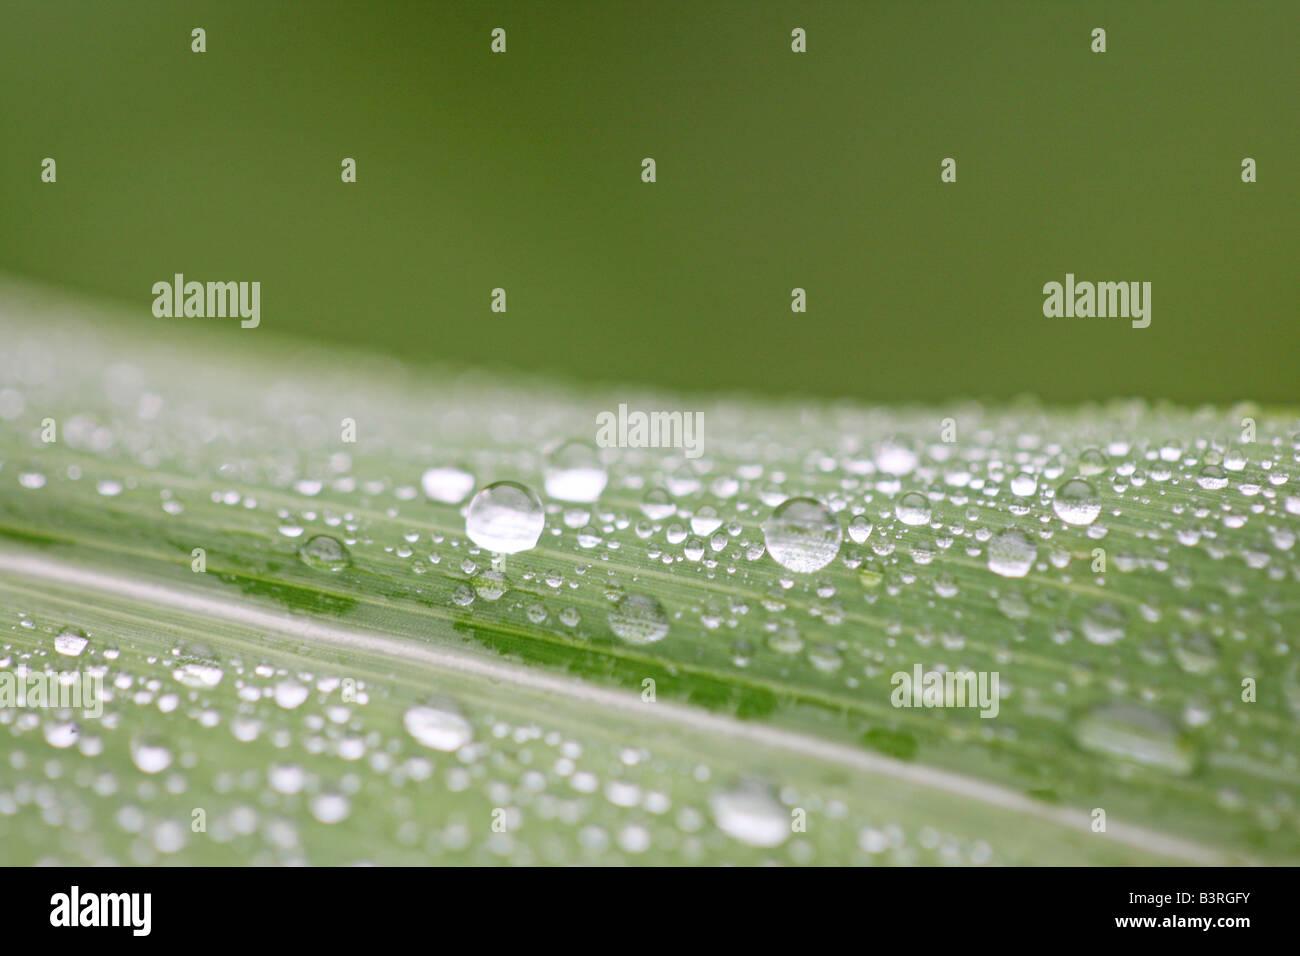 Nahaufnahme von Wassertropfen auf der Blattoberfläche Stockbild